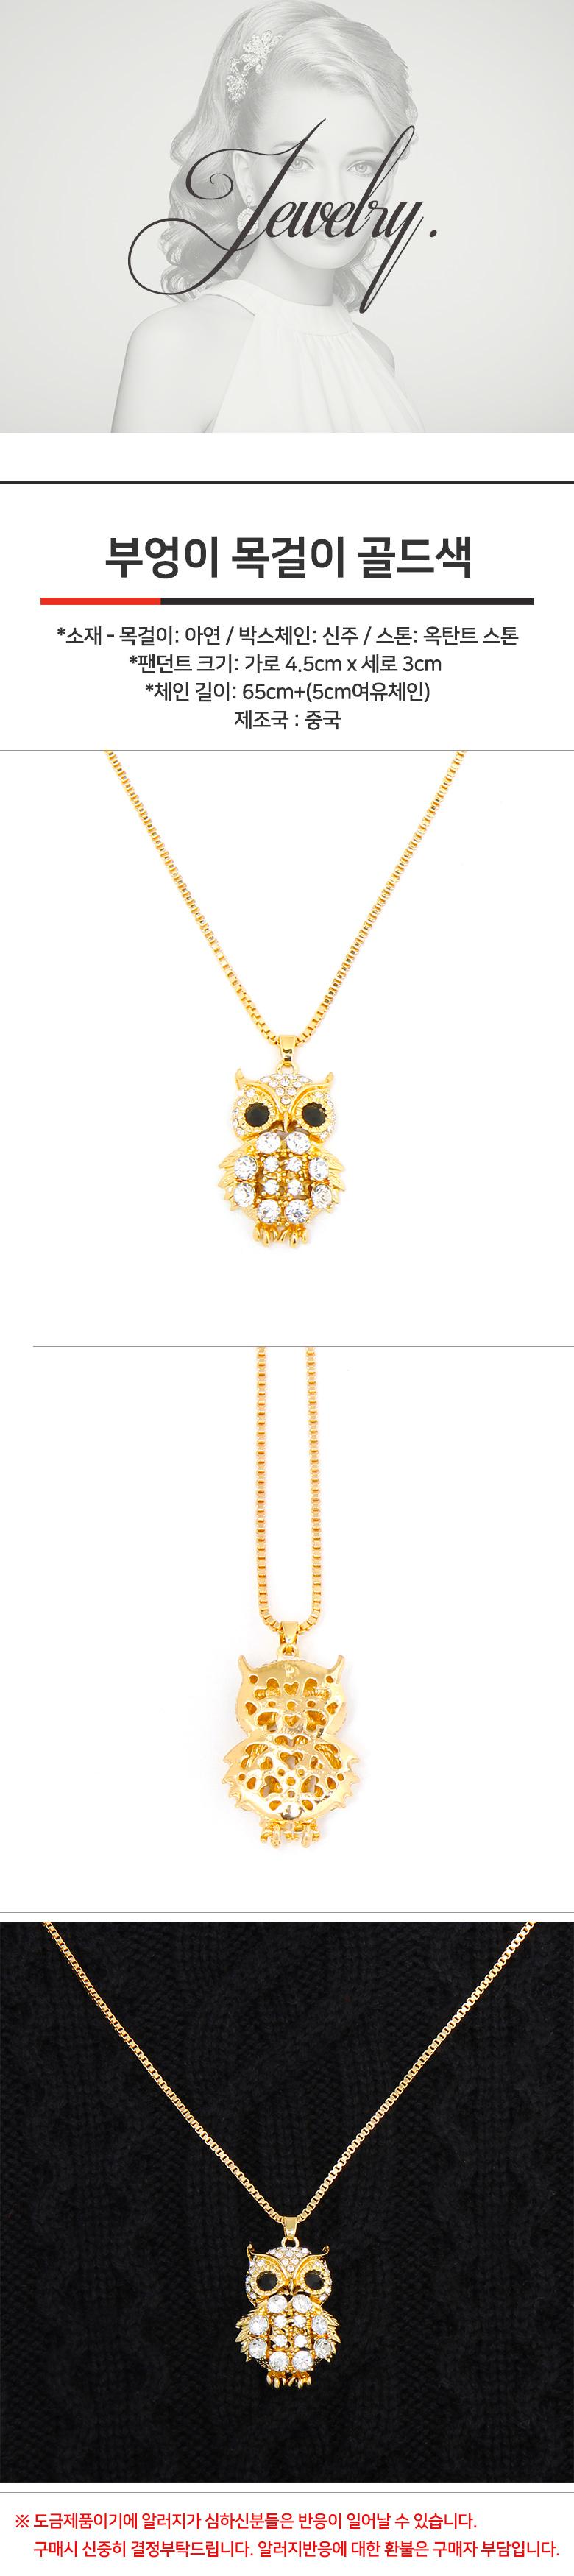 복을 물고오는 부엉이 목걸이 골드 - 샤이니아이돌, 14,000원, 패션, 패션목걸이